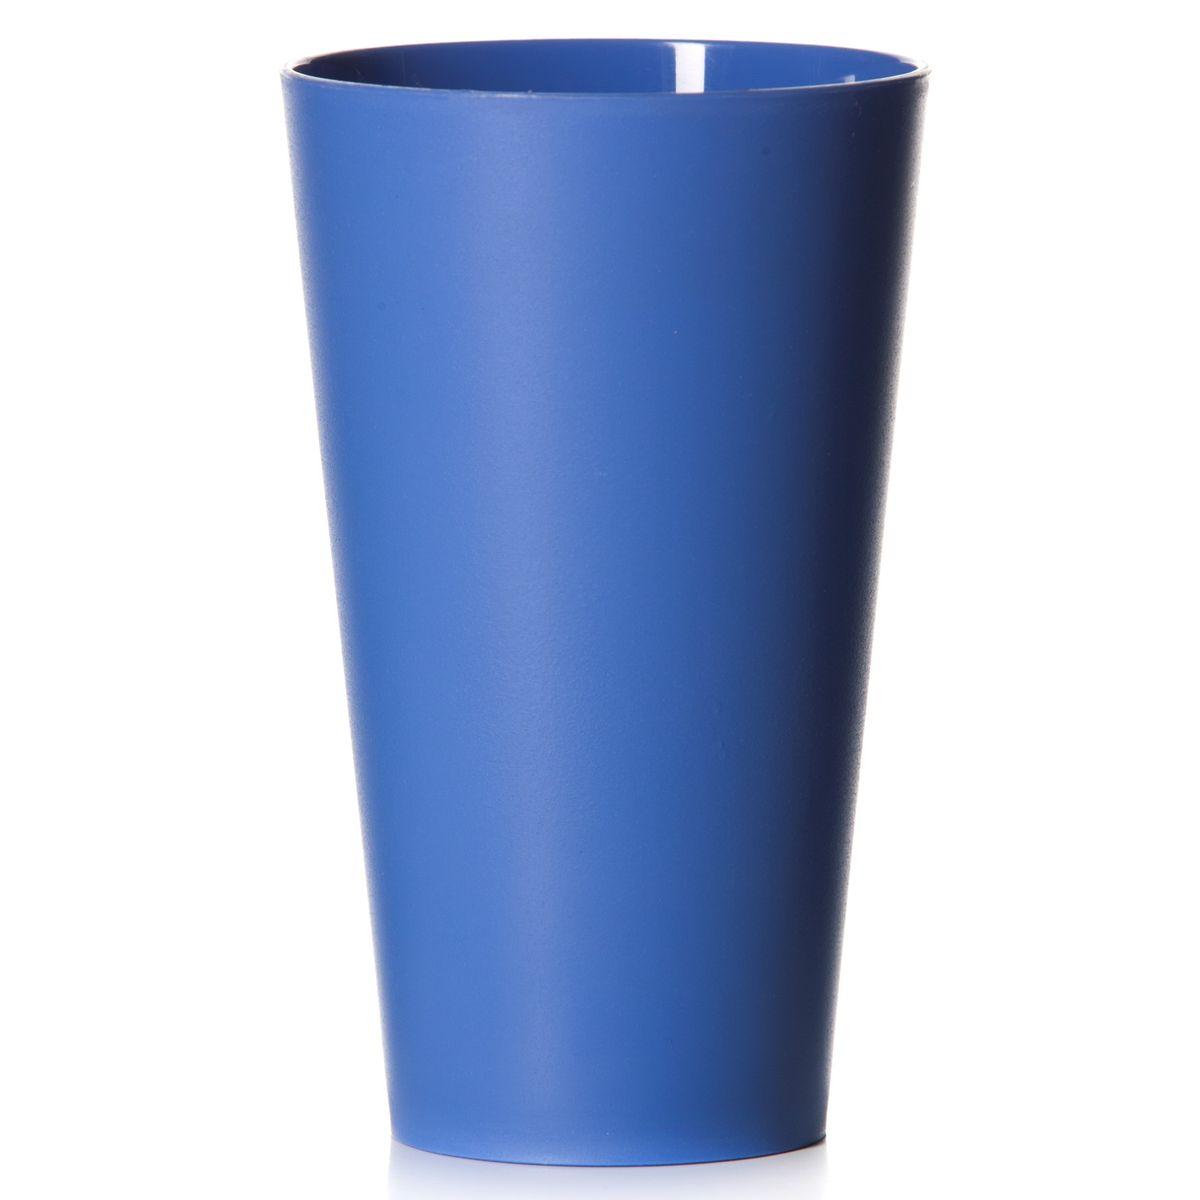 Стакан House & Holder, цвет: синий, 570 млVT-1520(SR)Стакан House & Holder изготовлен из прочного высококачественного полипропилена. Изделие предназначено для воды, сока и других напитков. Стакан сочетает в себе яркий дизайн и функциональность. Благодаря такому стакану пить напитки будет еще вкуснее.Стакан House & Holder можно использовать дома, на даче или на пикнике. Можно использовать в посудомоечной машине и микроволновой печи.Диаметр стакана по верхнему краю: 9 см. Высота стакана: 15 см. Диаметр основания: 6 см.